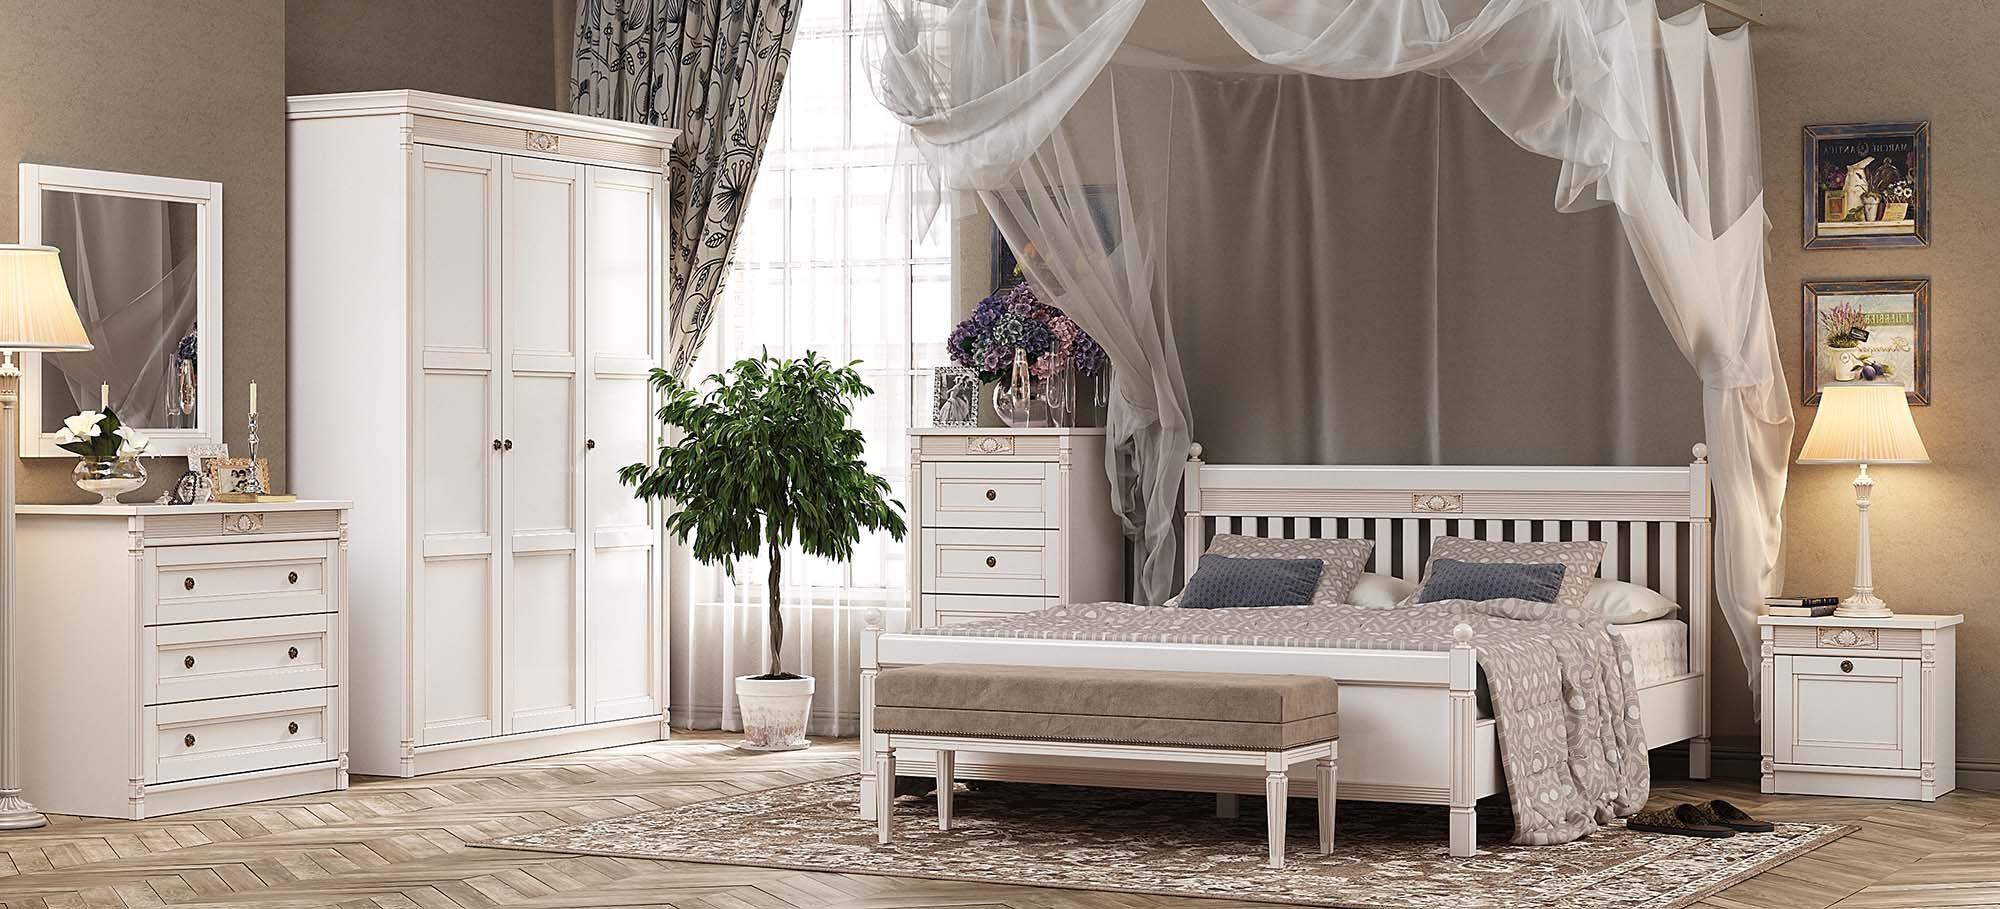 Bedroom_02_Marsel-e1500464735421